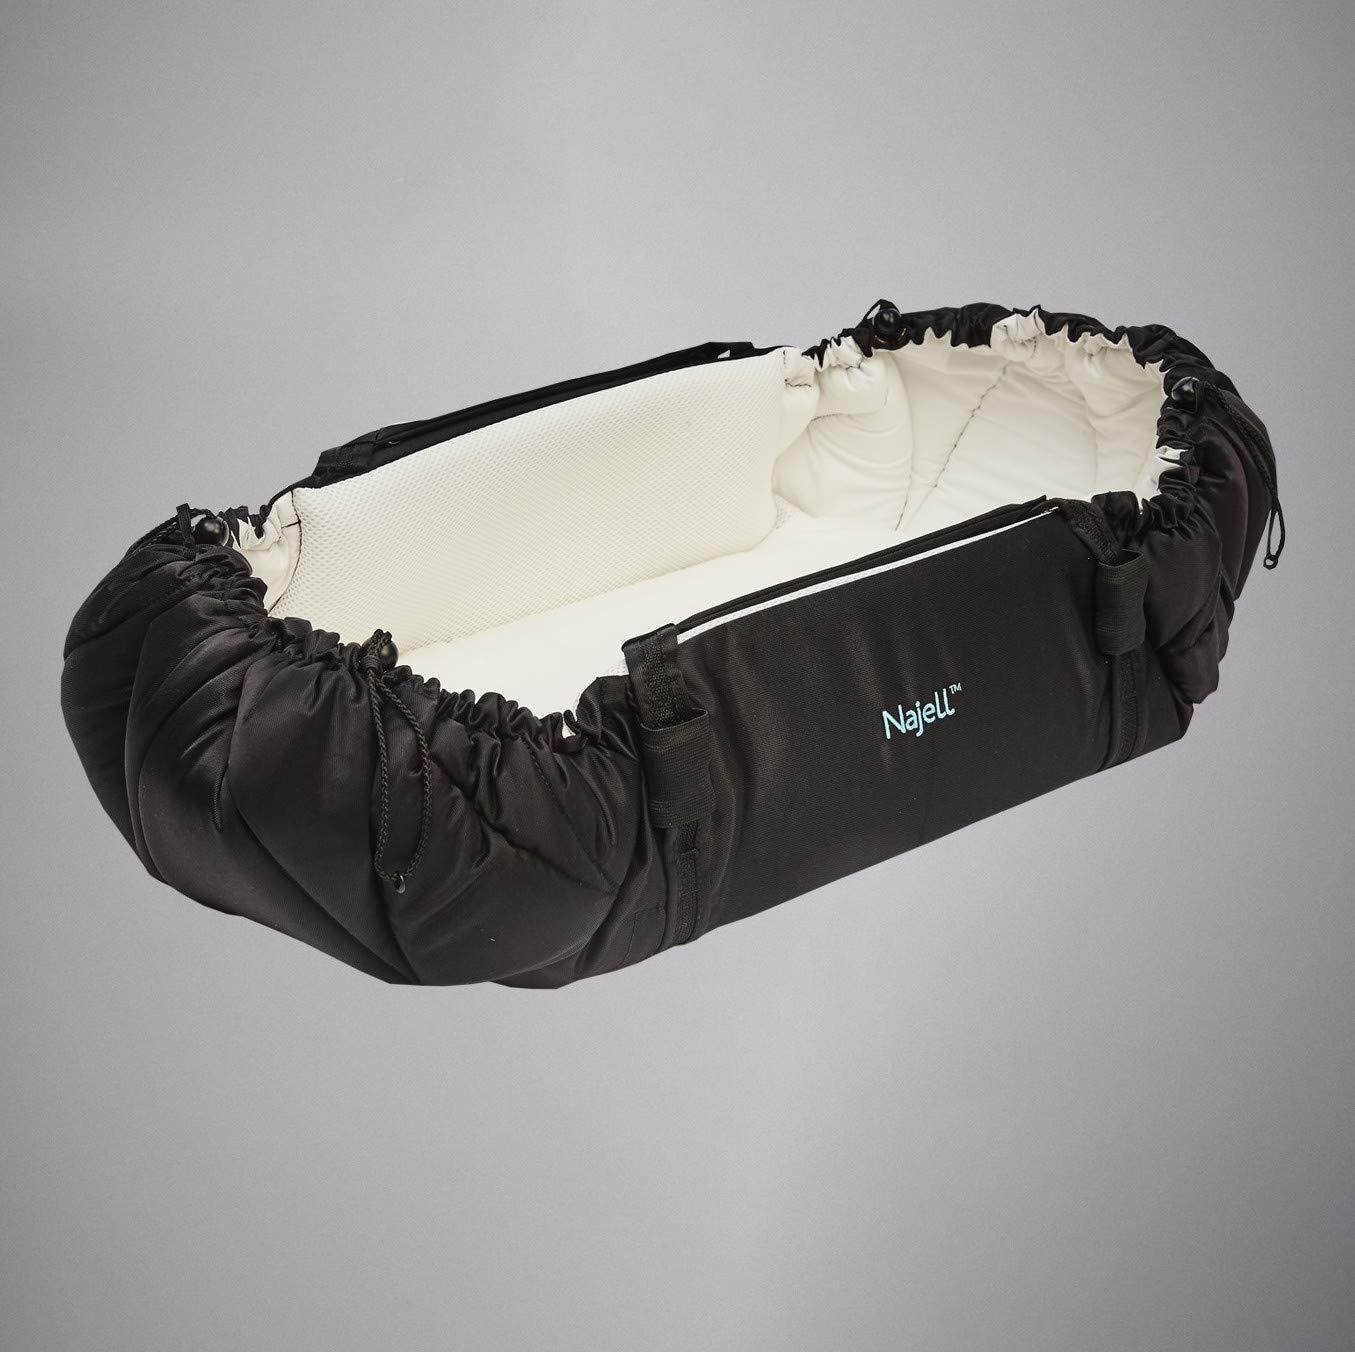 Najell 17819 SleepCarrier matte black, schwarz Klein AG